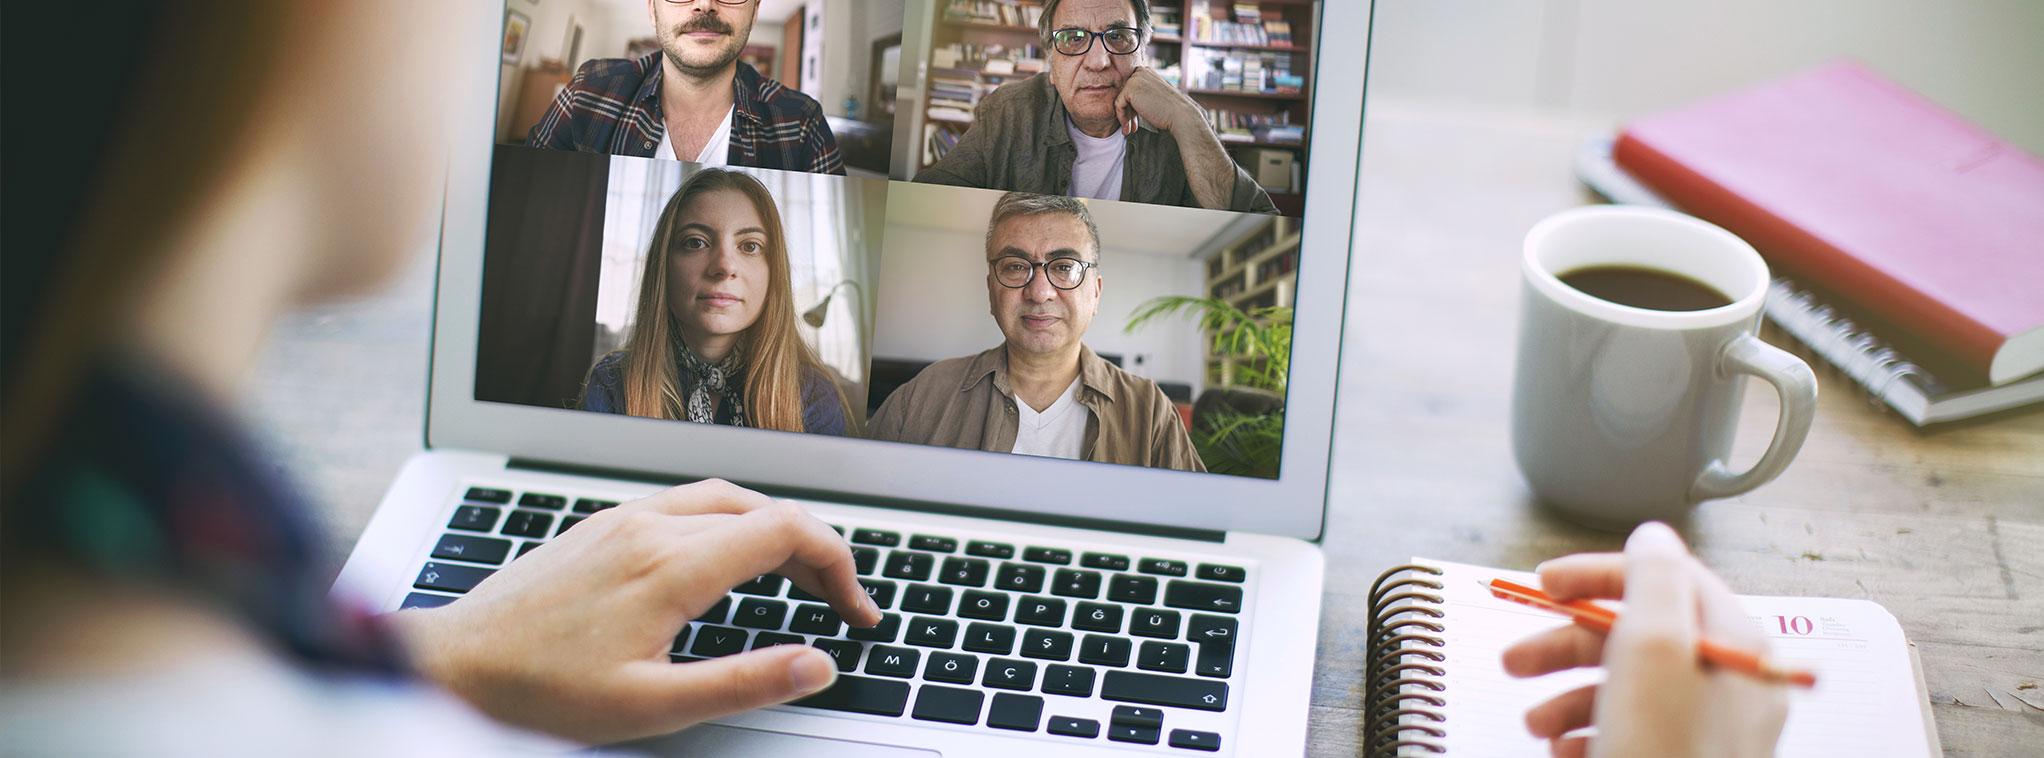 Remote Work Meeting